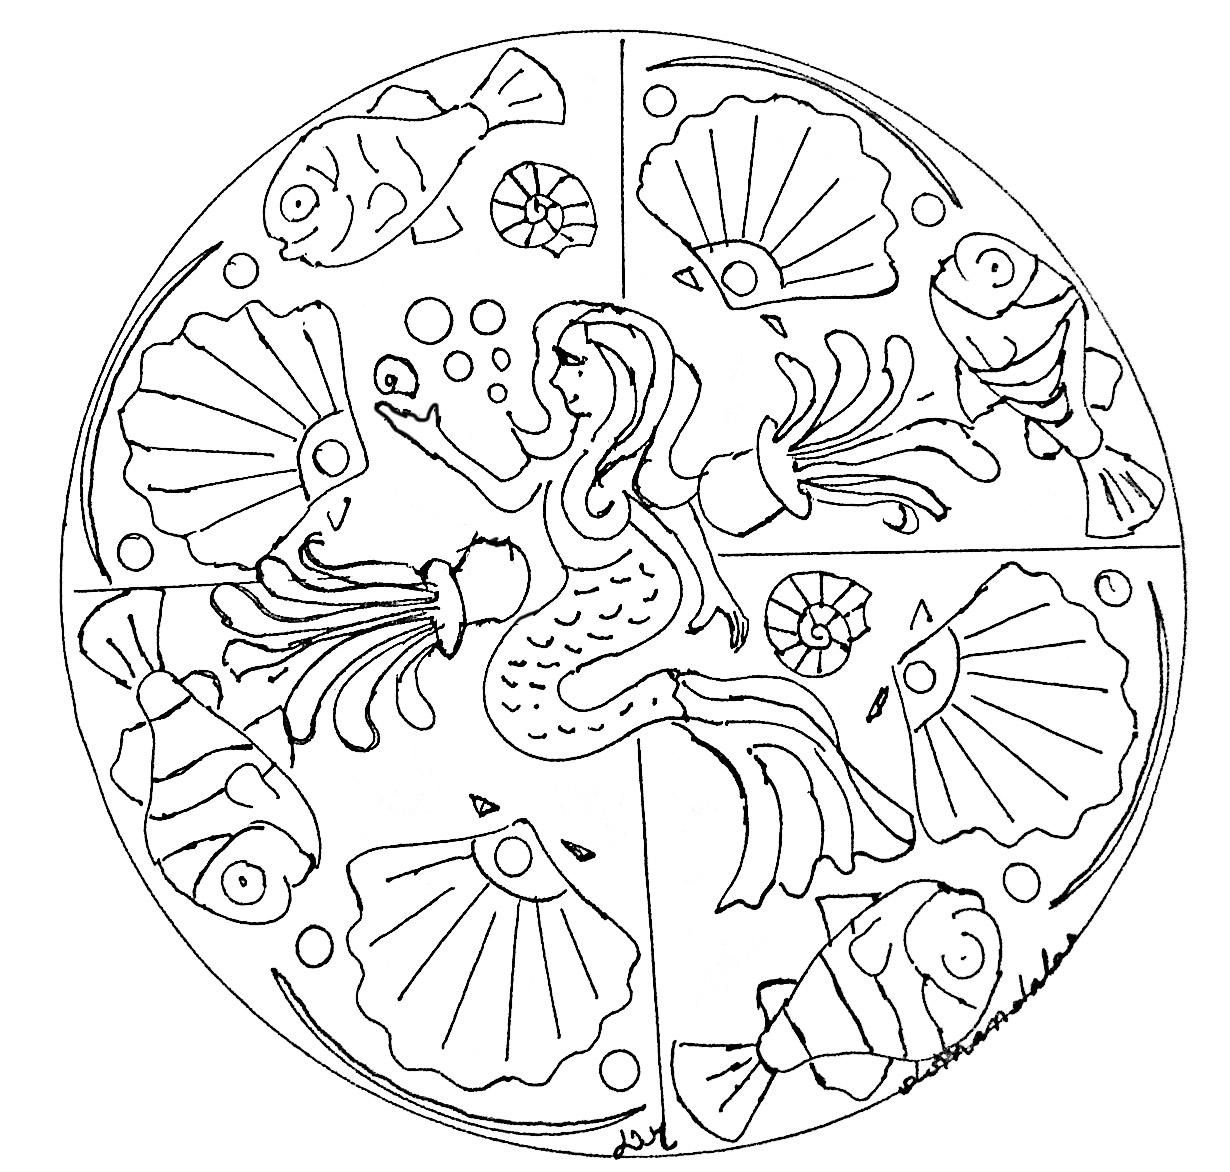 Disegni da colorare per adulti : Mandalas - 186